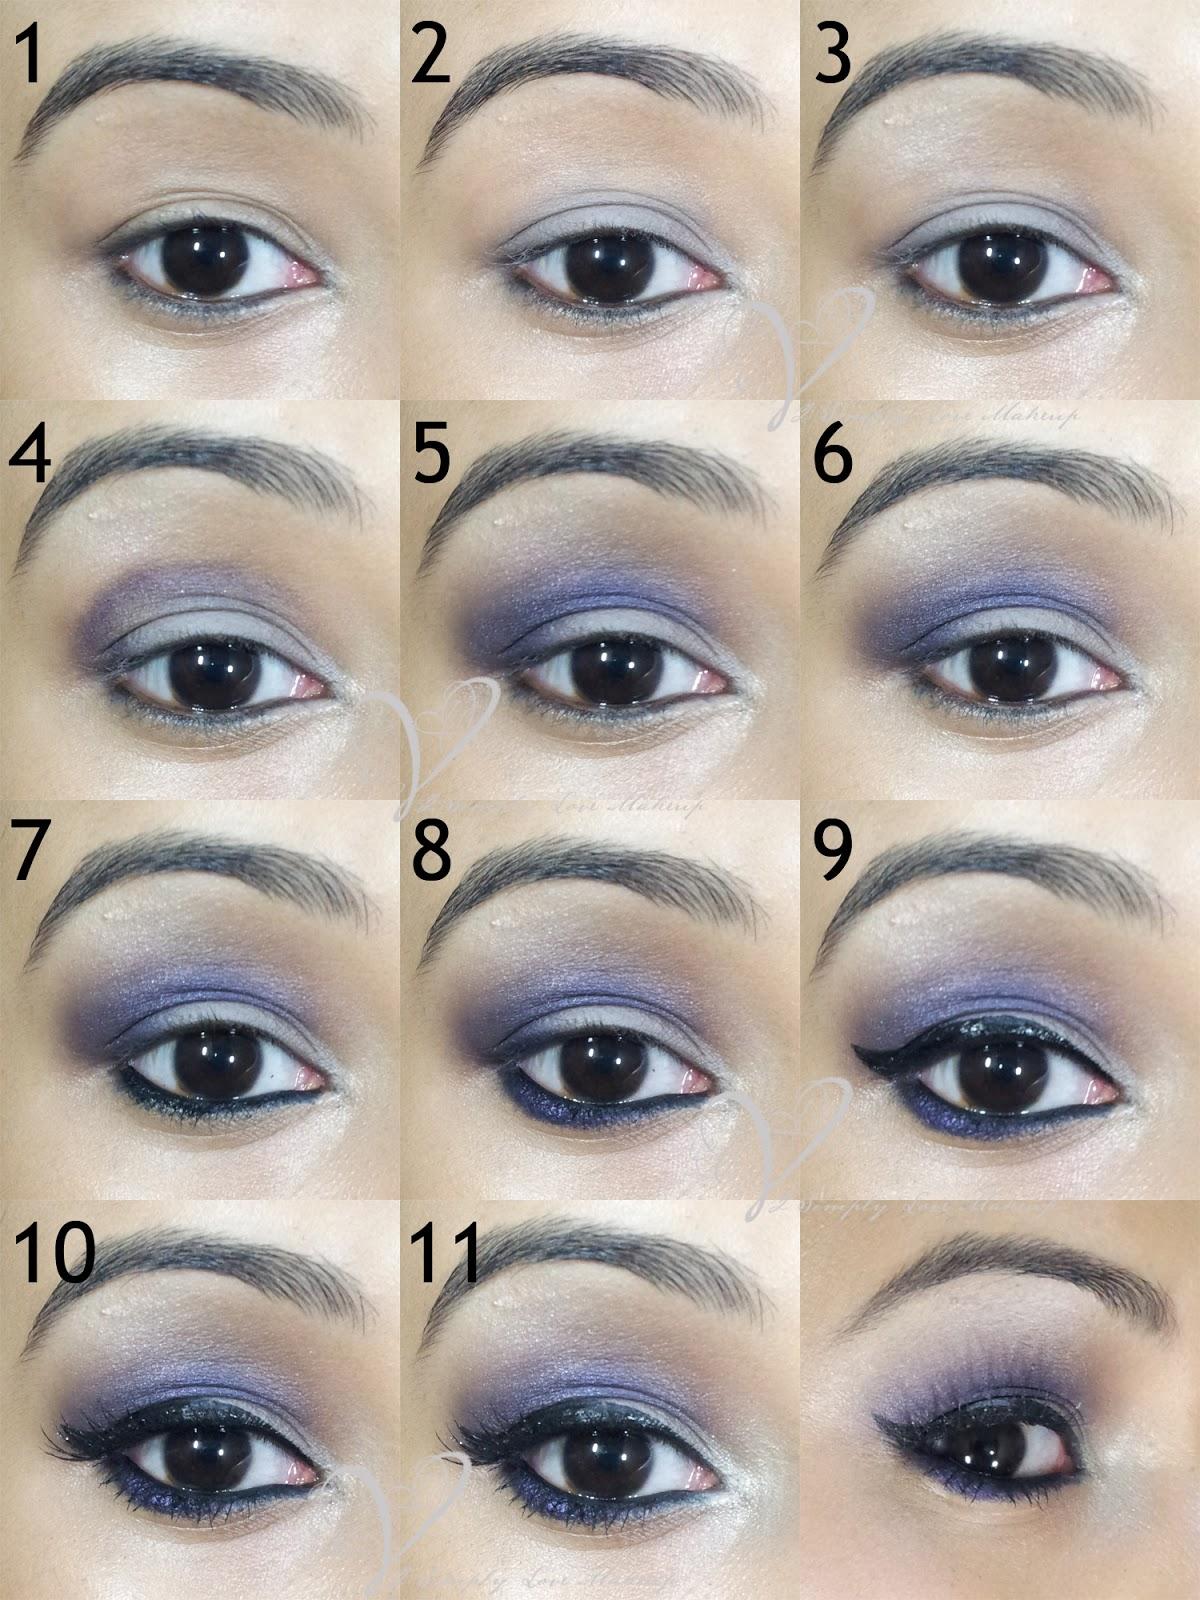 TUTORIAL: Easy Purple Eye Makeup